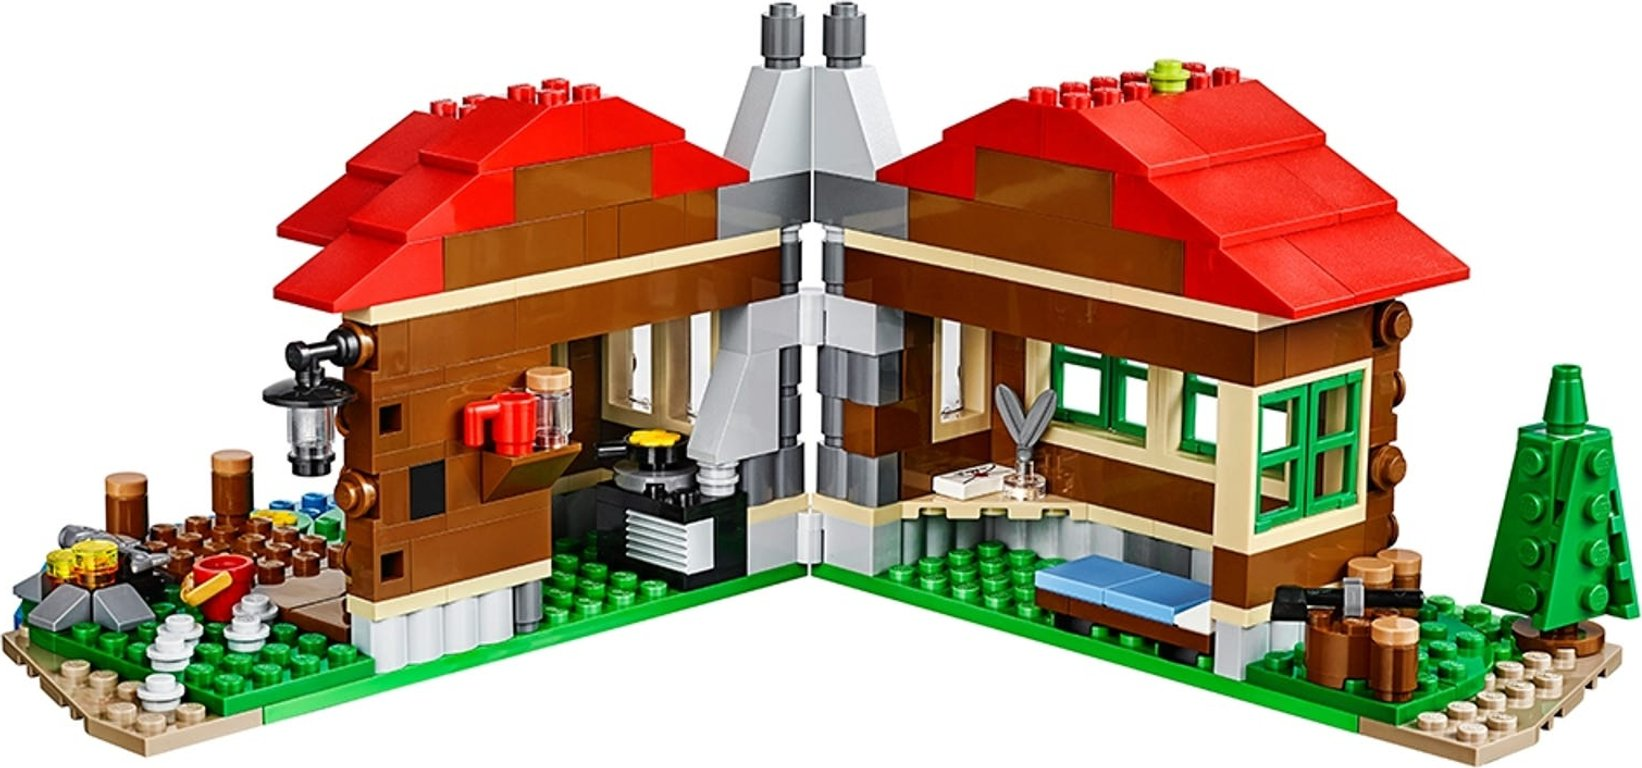 LEGO® Creator Lakeside Lodge interior